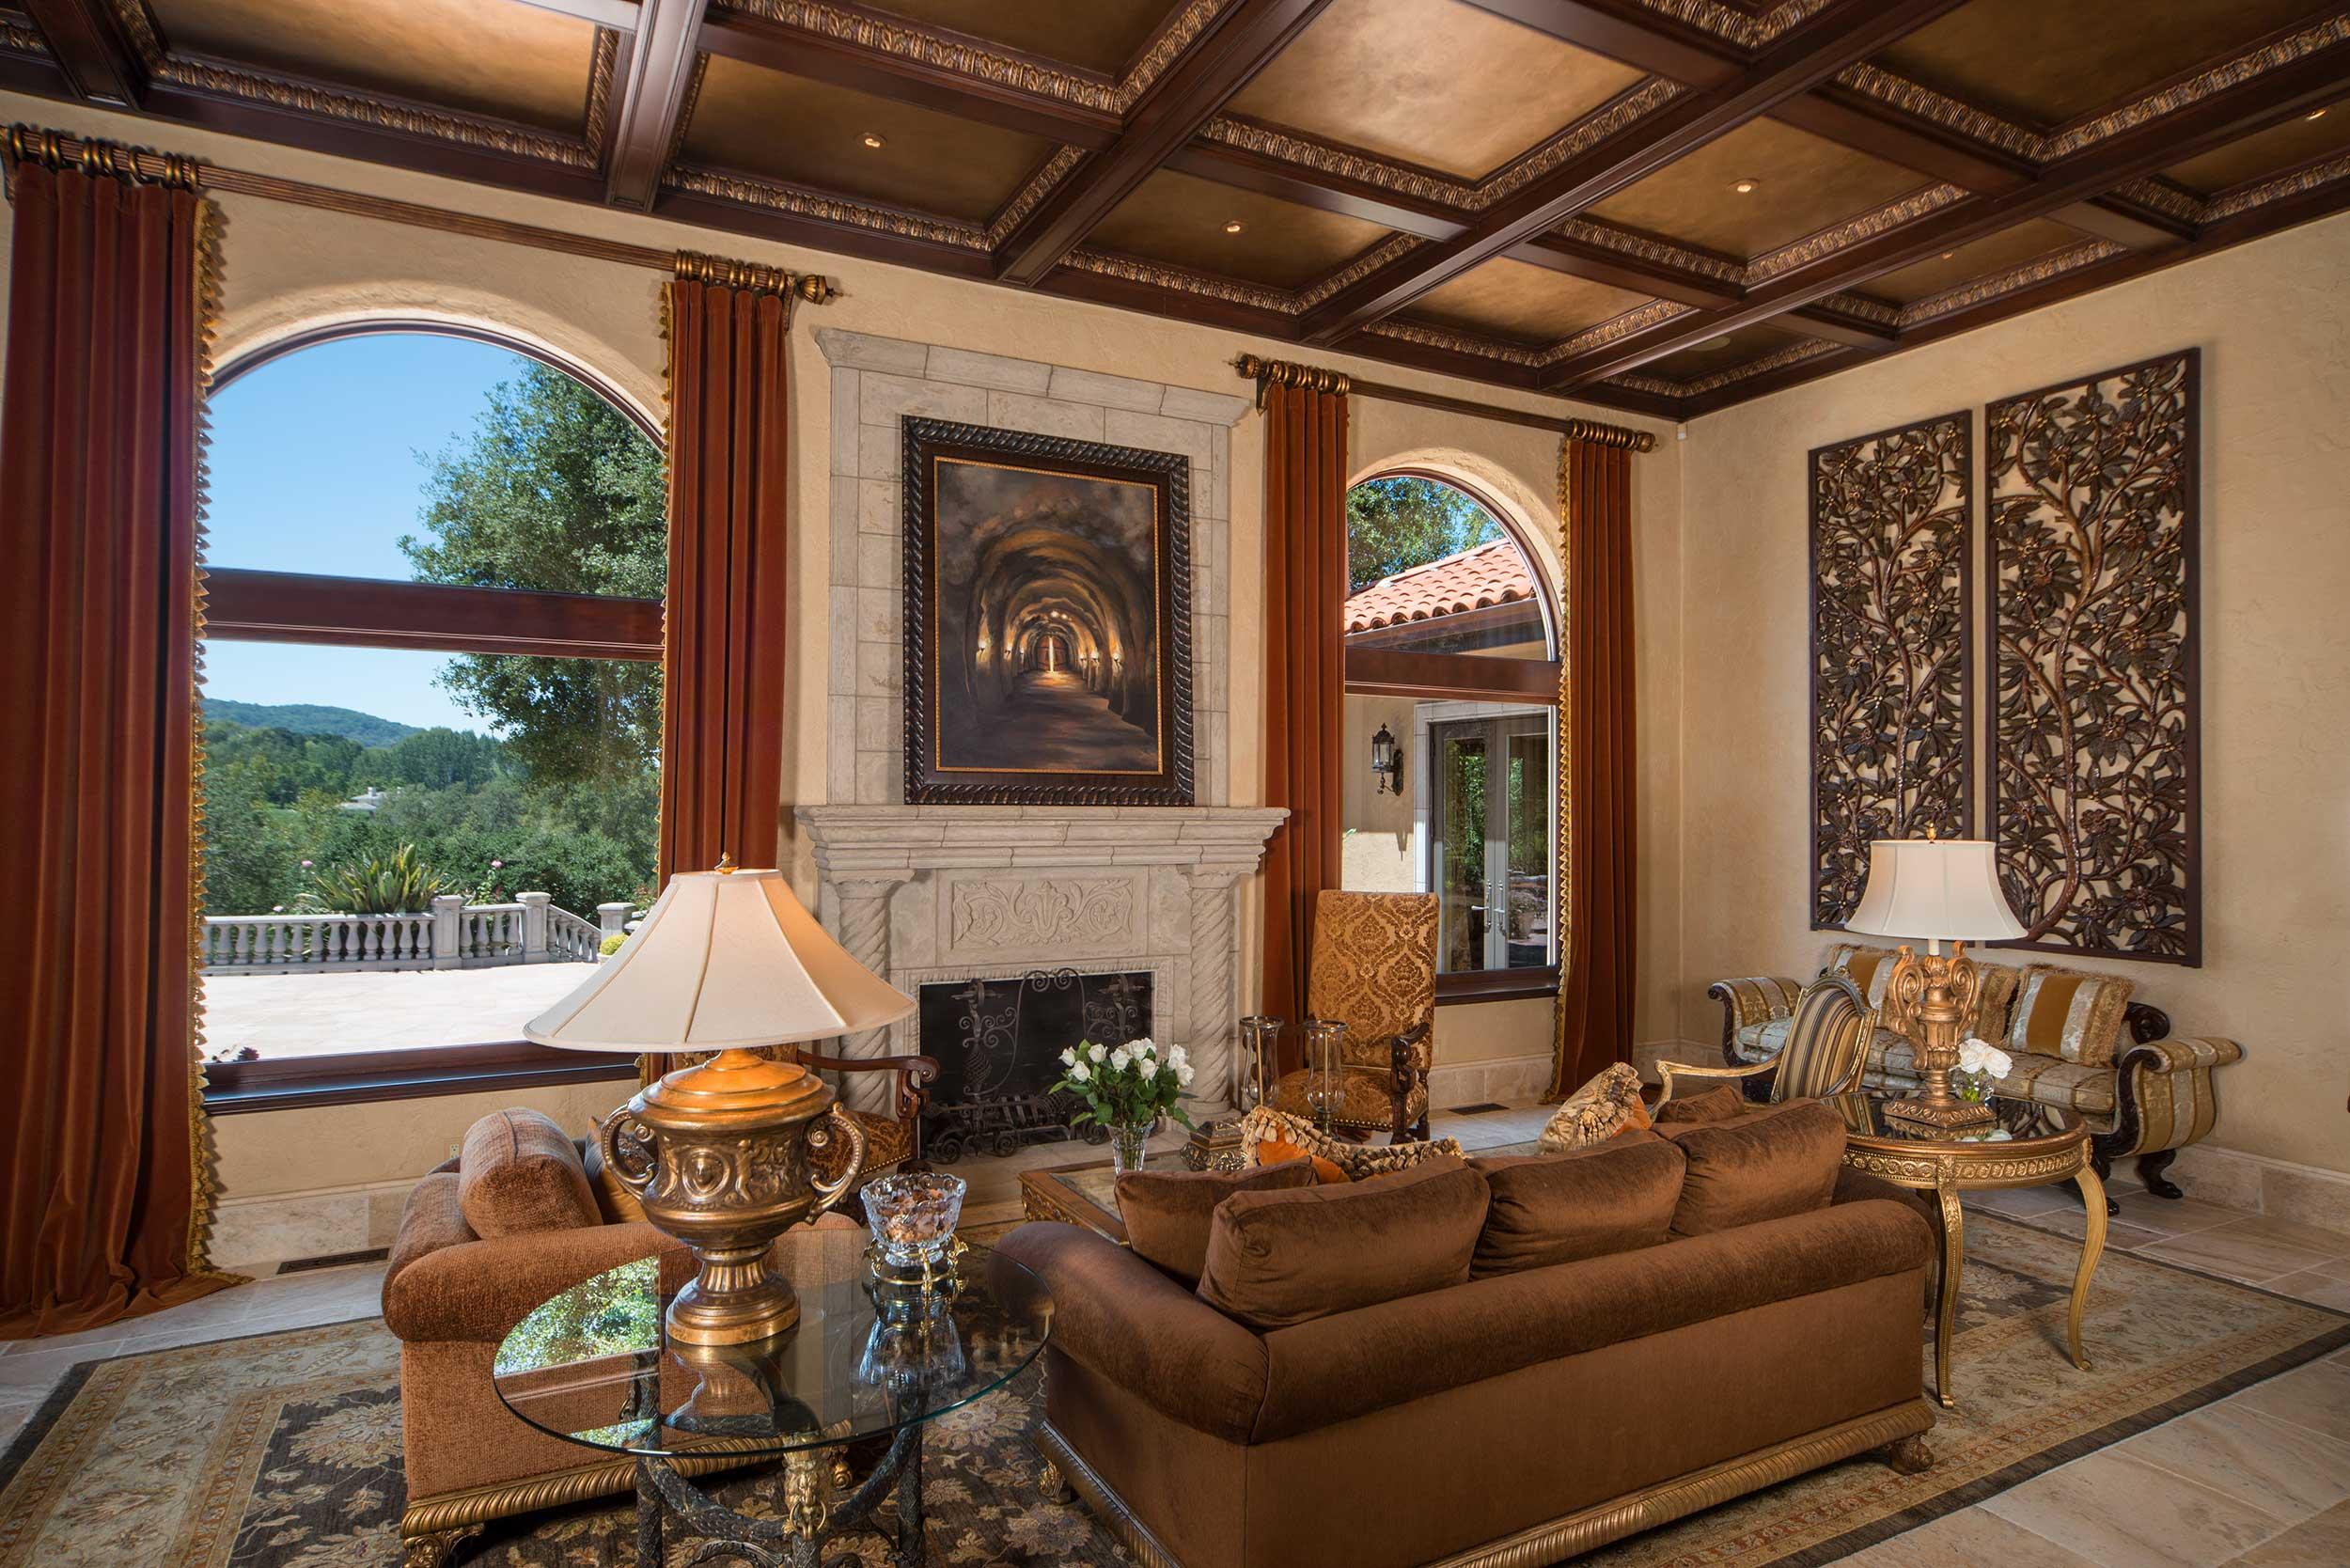 Napa_Valley_Mediterranean_livingroom_01.jpg